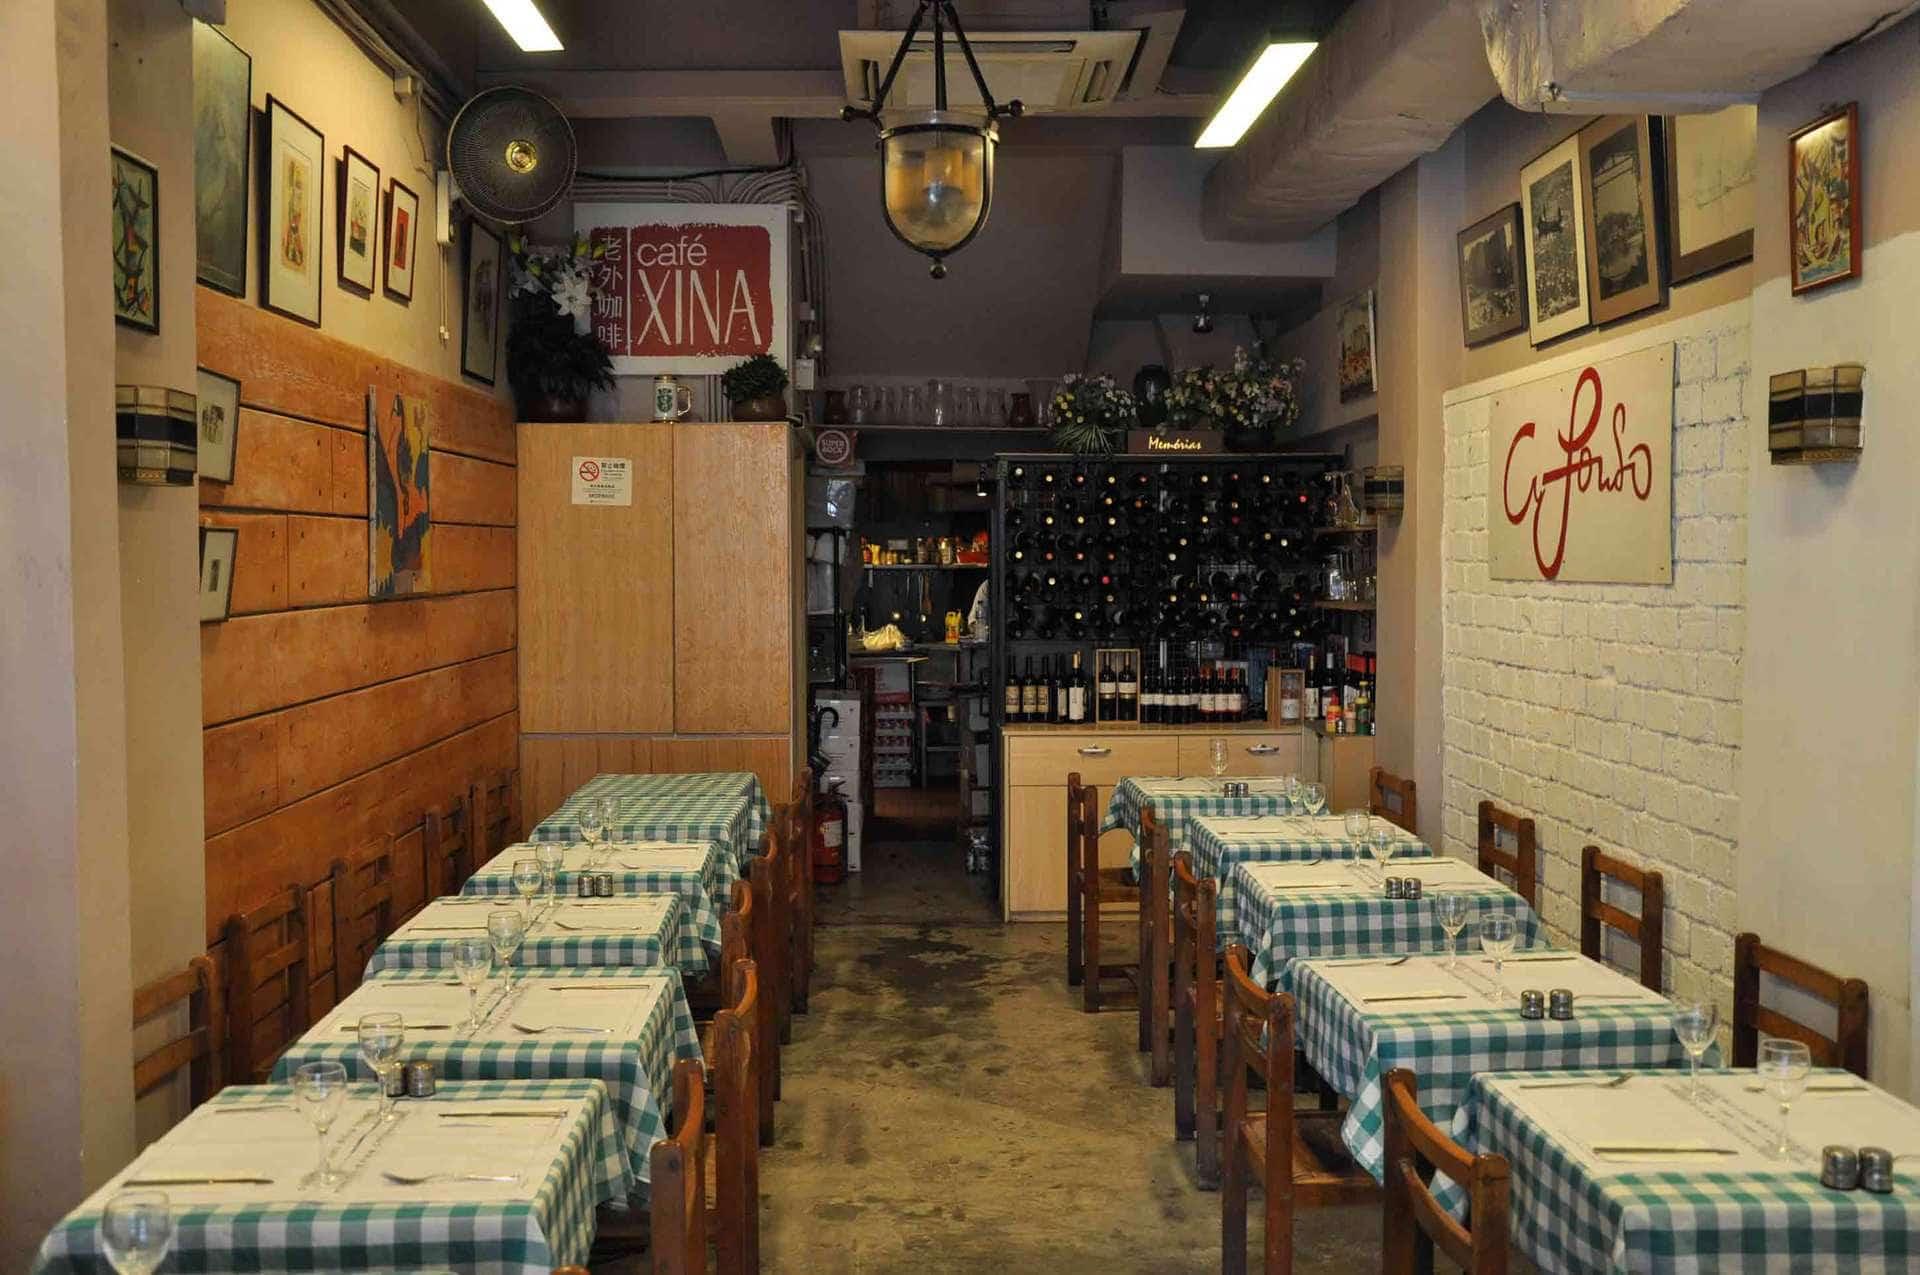 Cafe Xina Macau interior